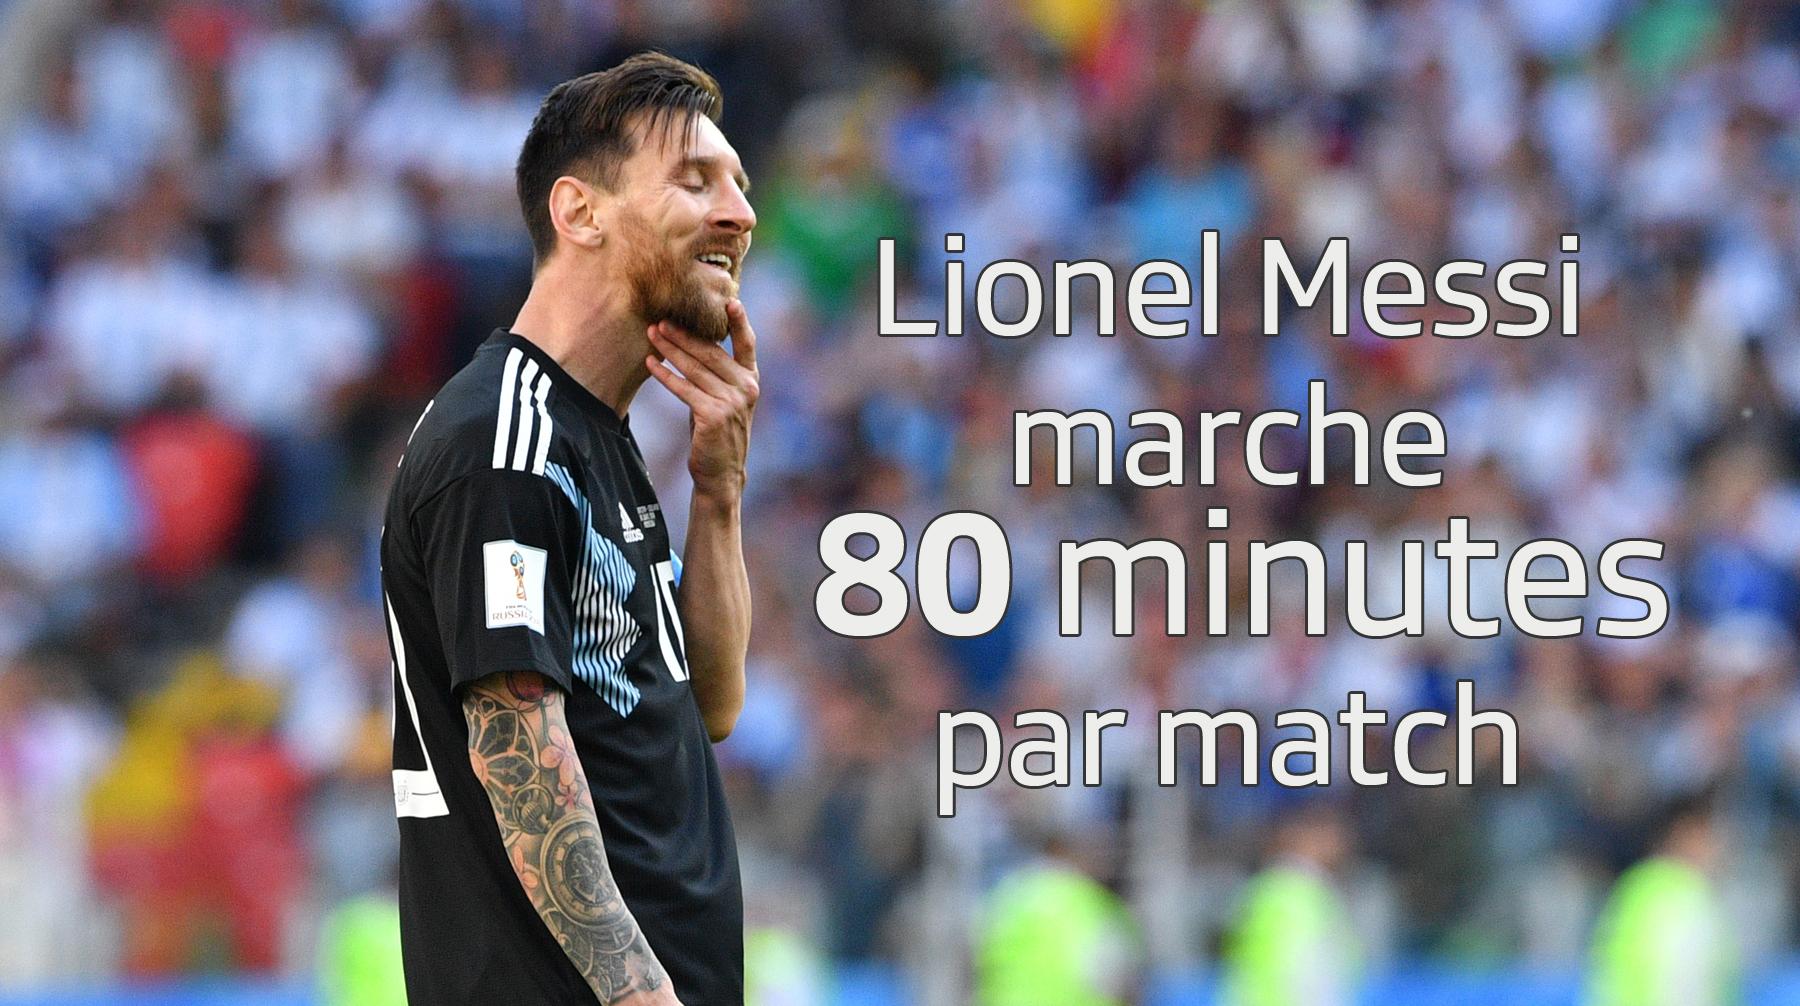 Diego Simeone, l'entraîneur argentin de l'Atletico Madrid, tacle Lionel Messi